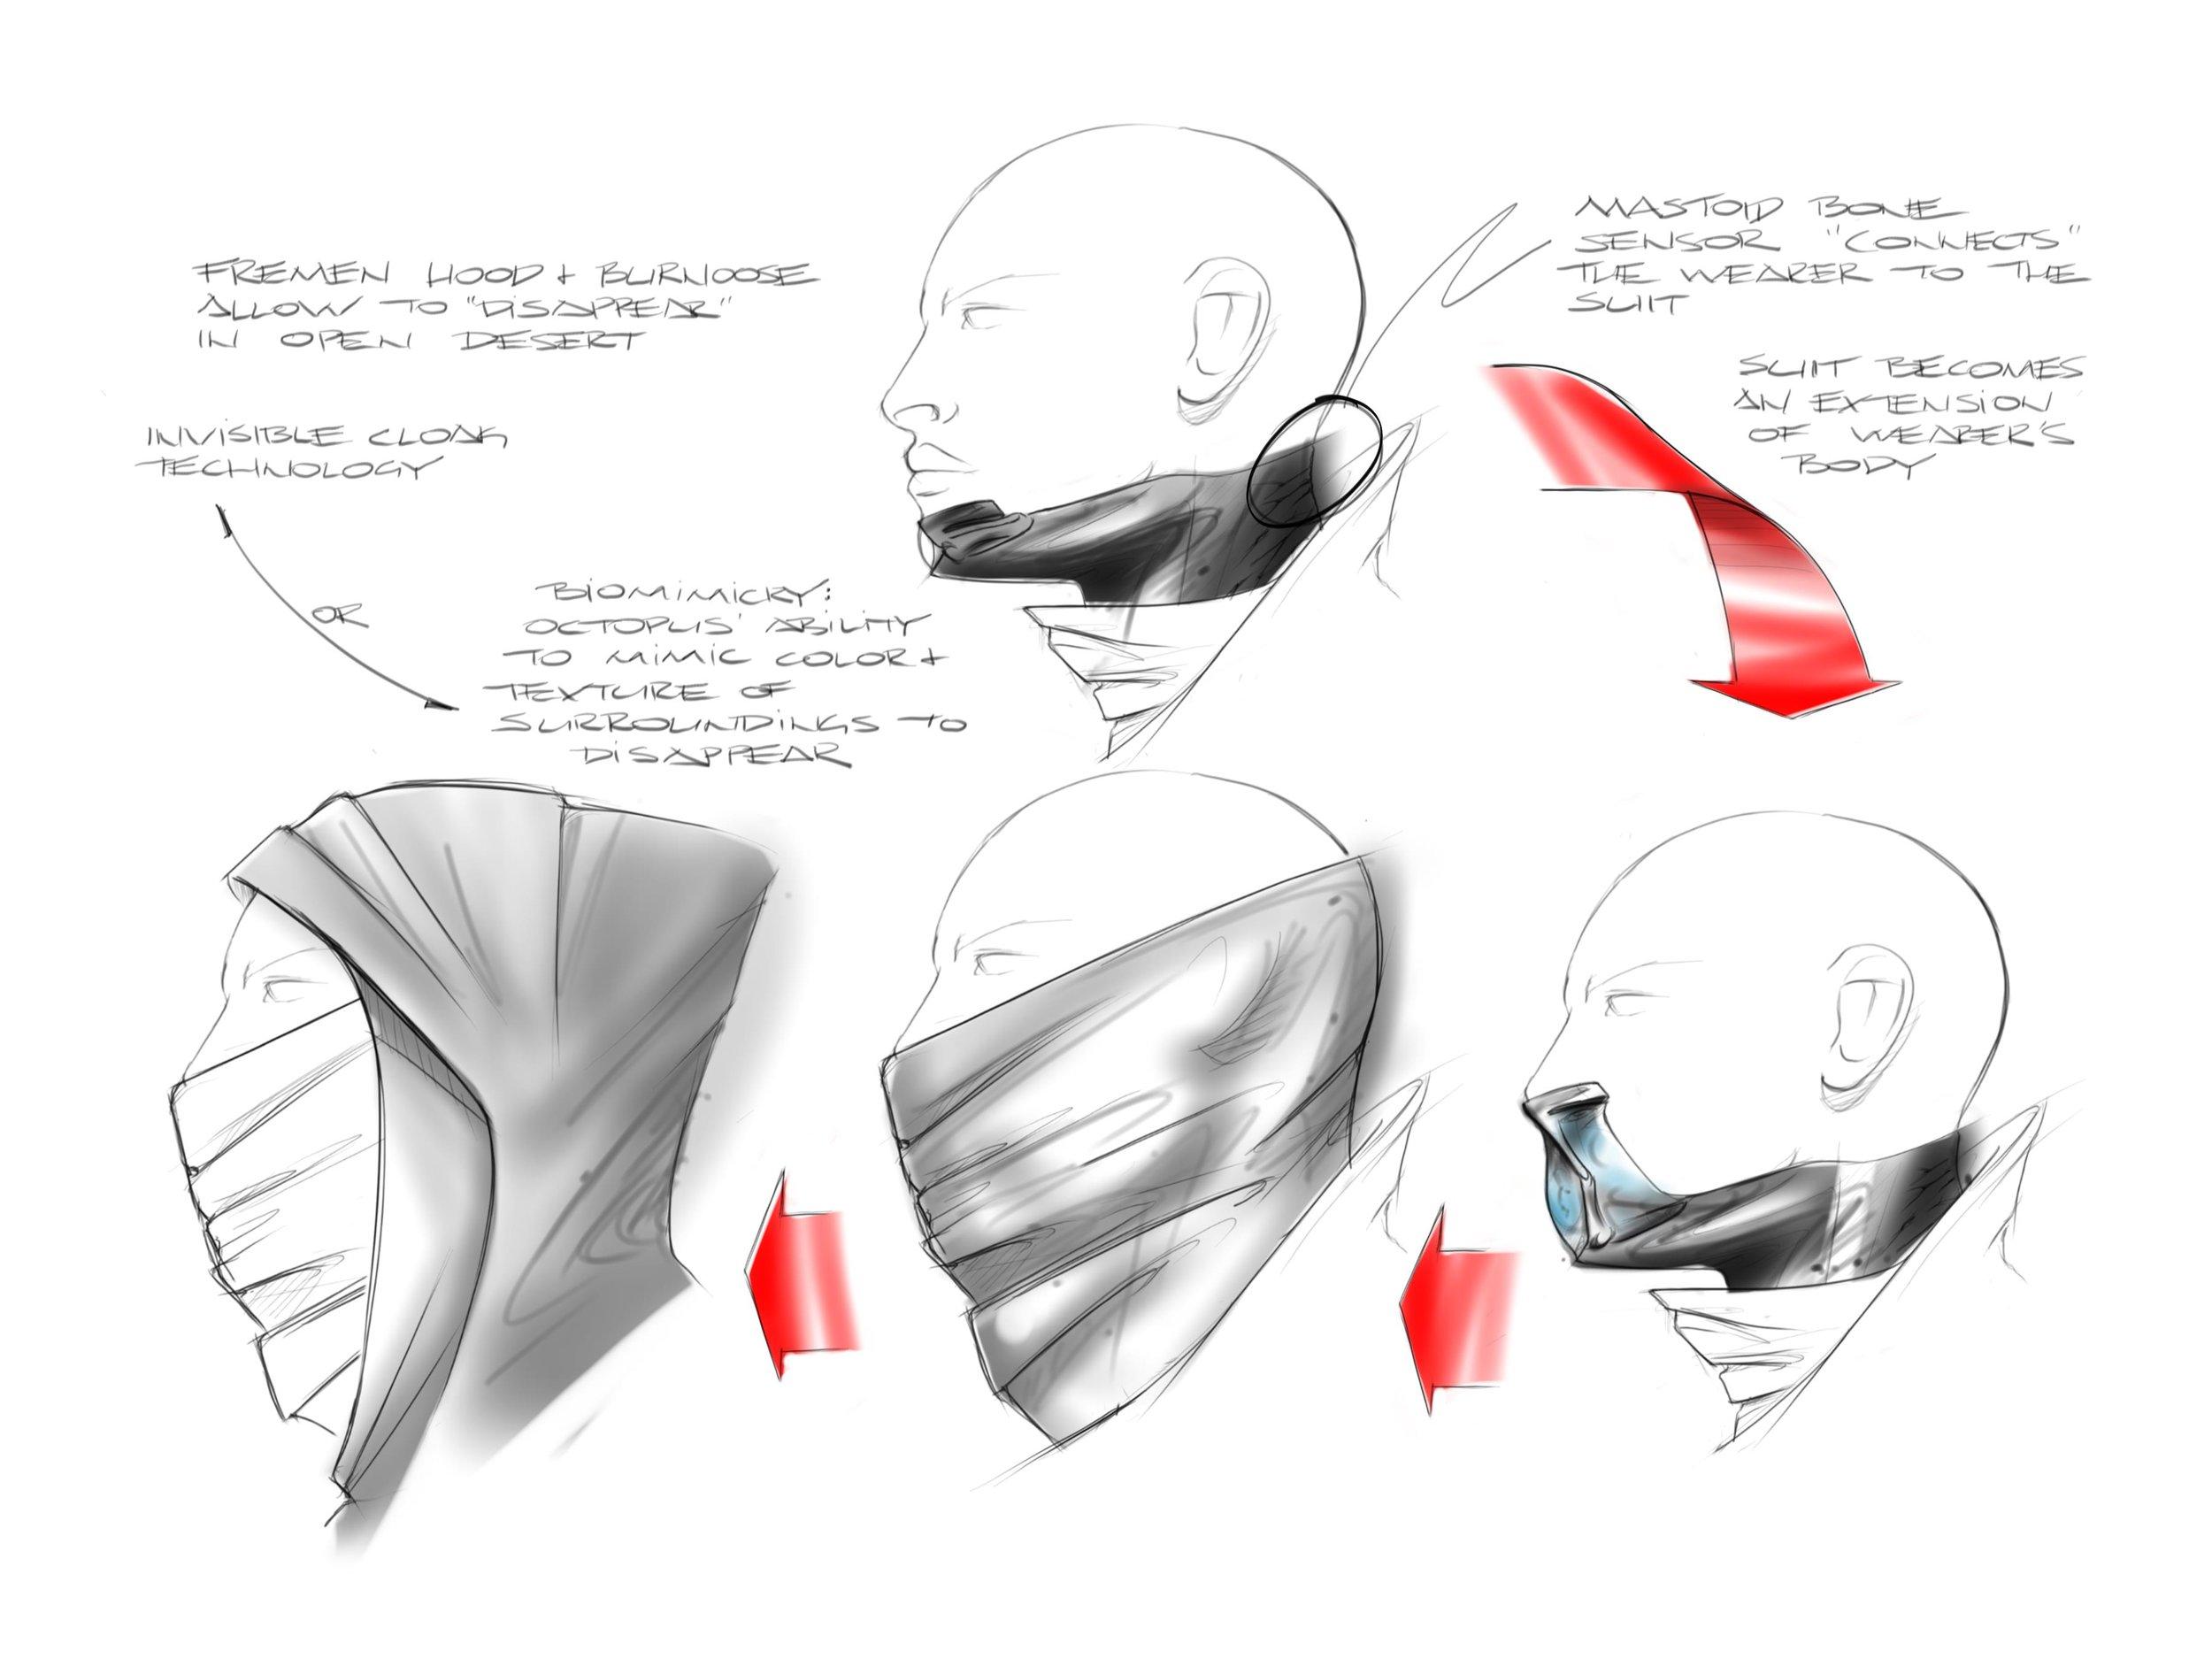 Dune_stillsuit design11.jpg